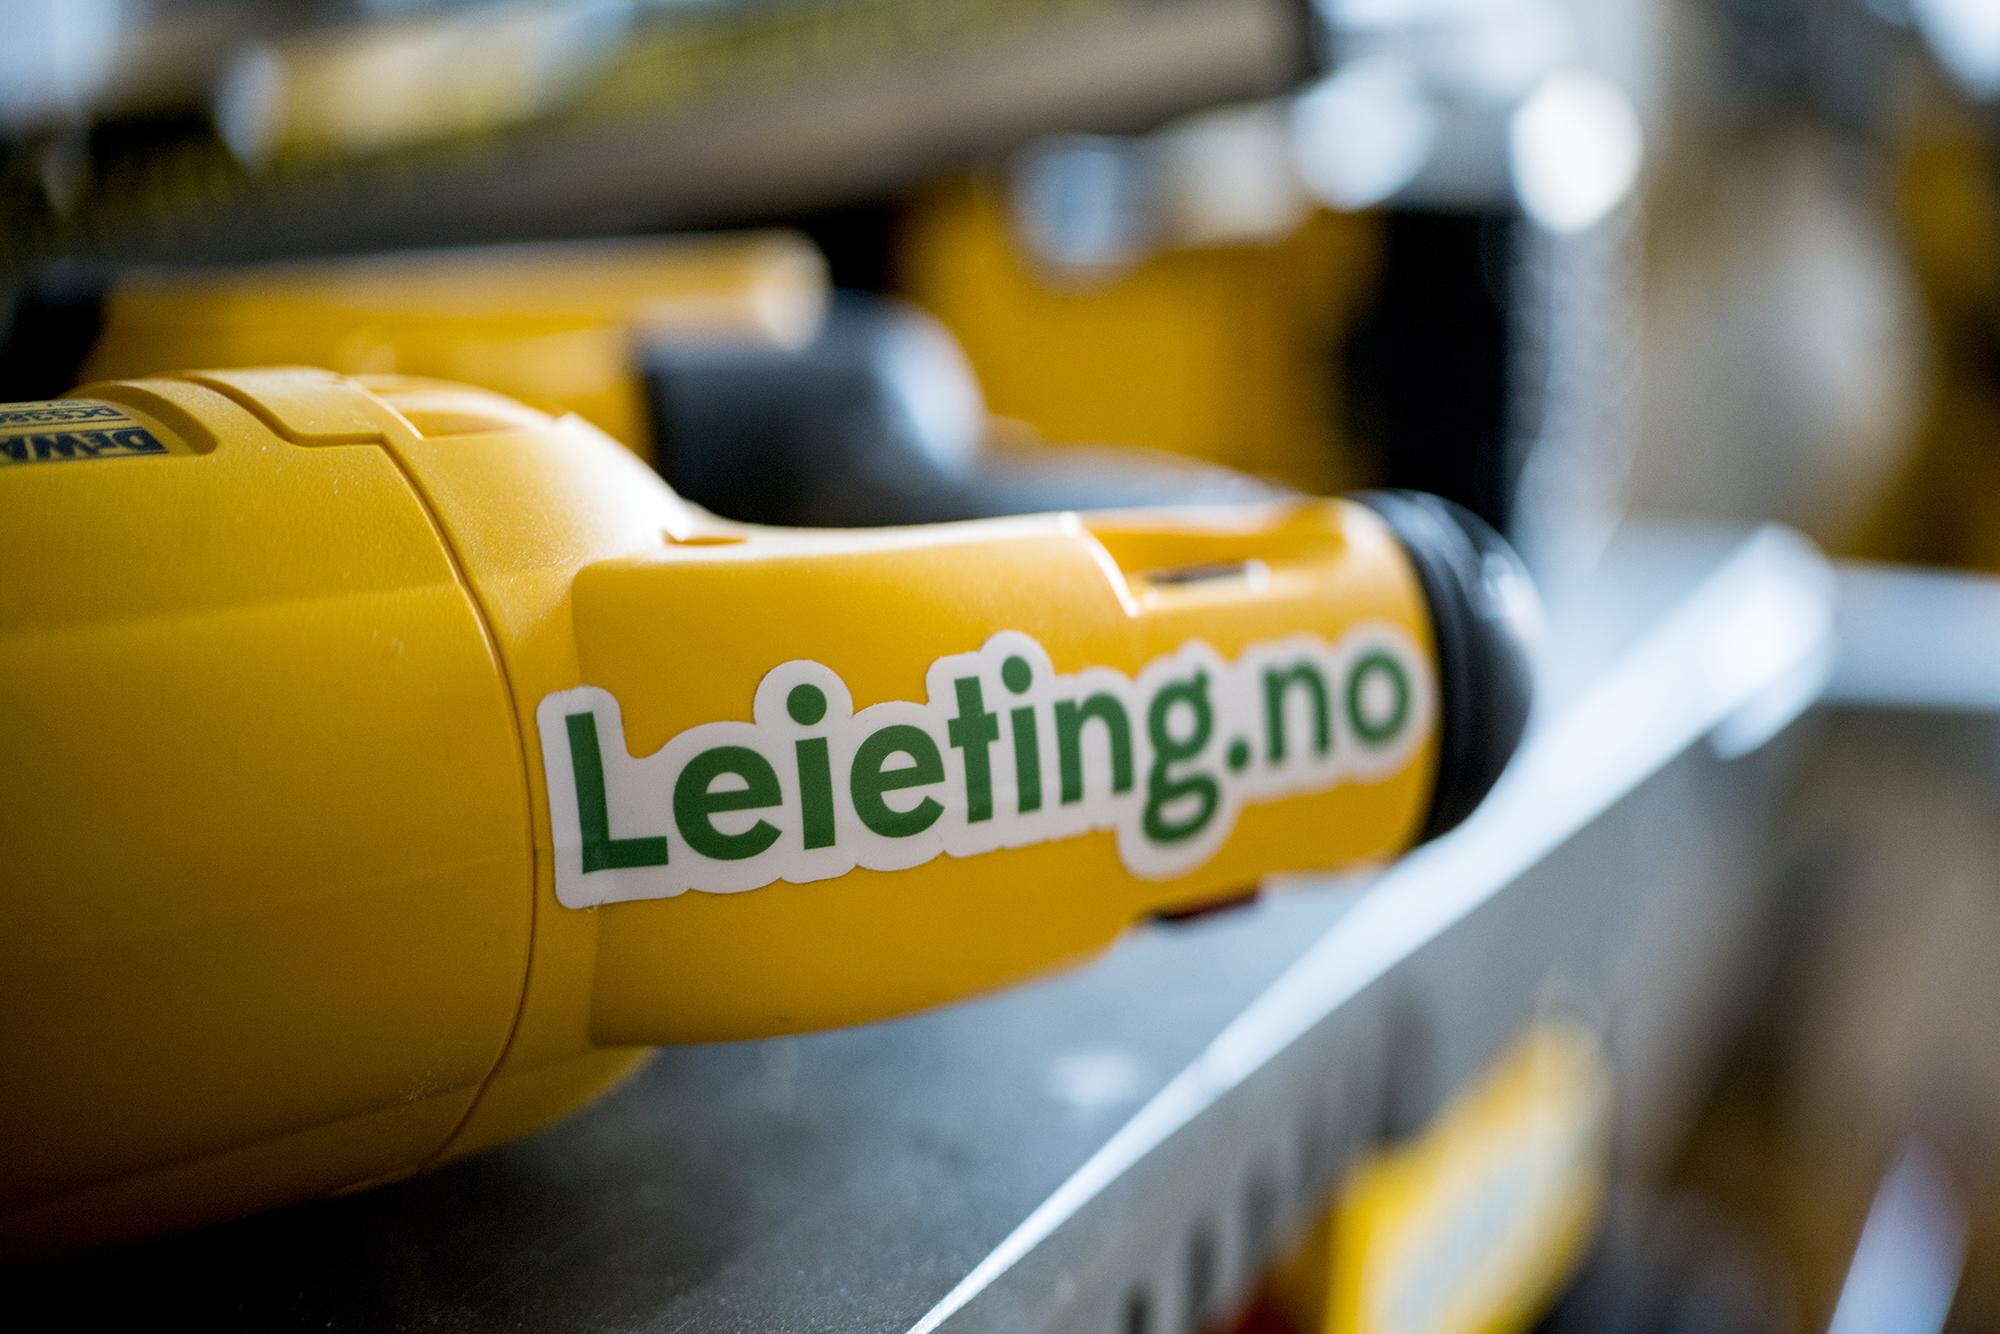 Verktøyet er dekorert med egne klistremerker fra Leieting.no